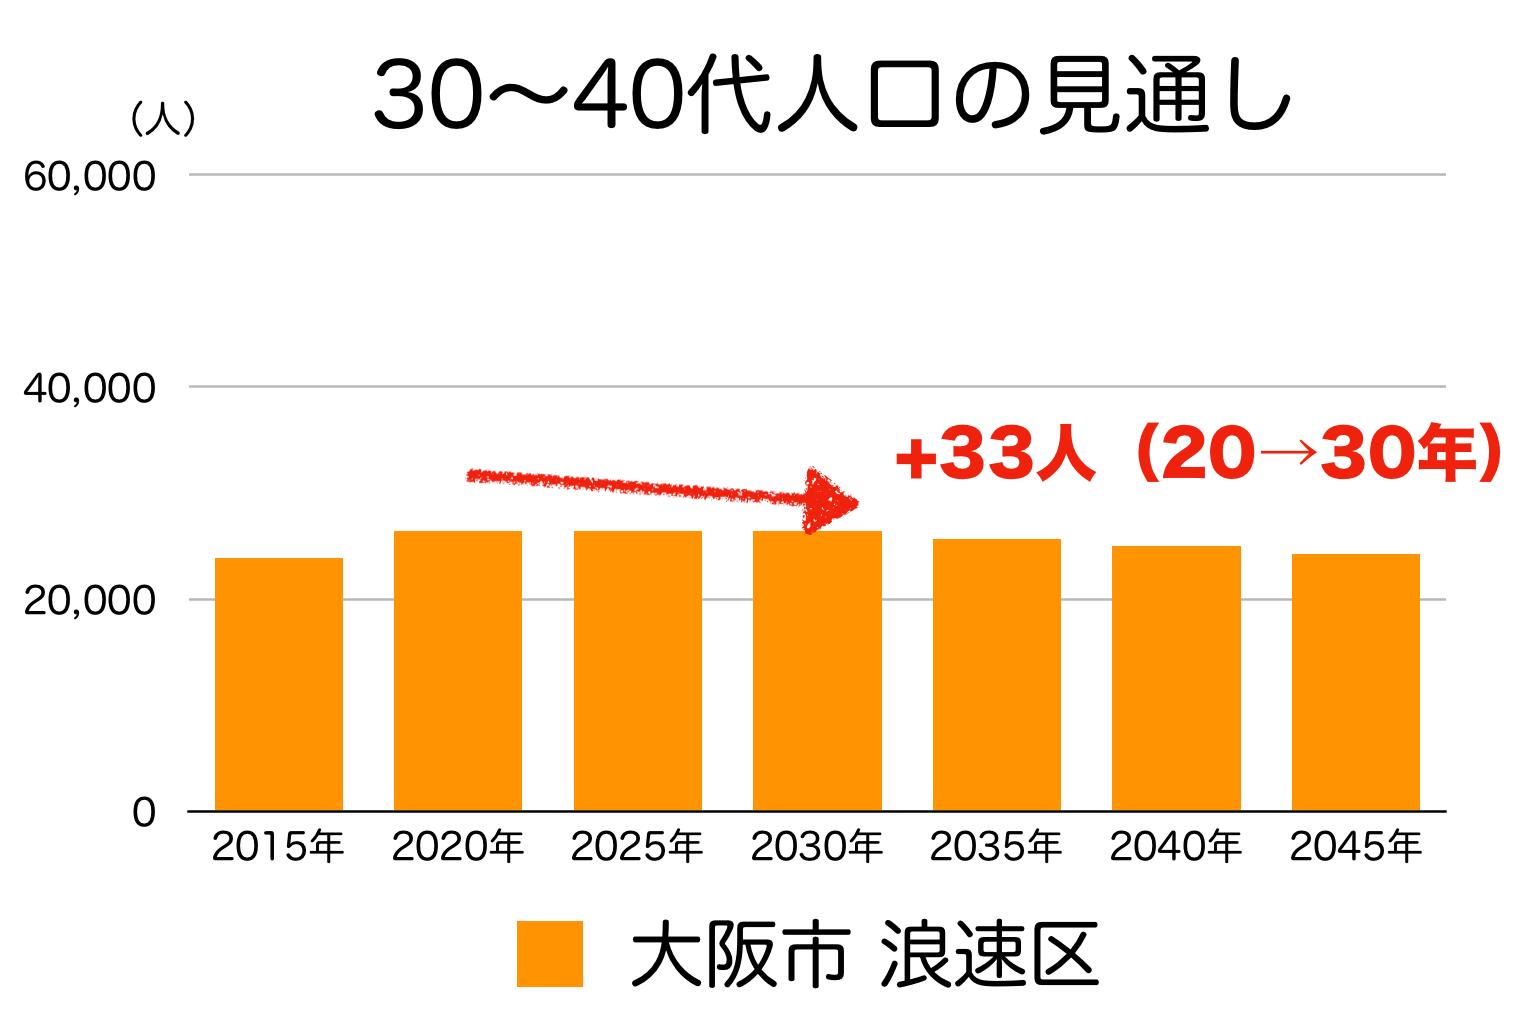 大阪市浪速区の30〜40代人口の予測